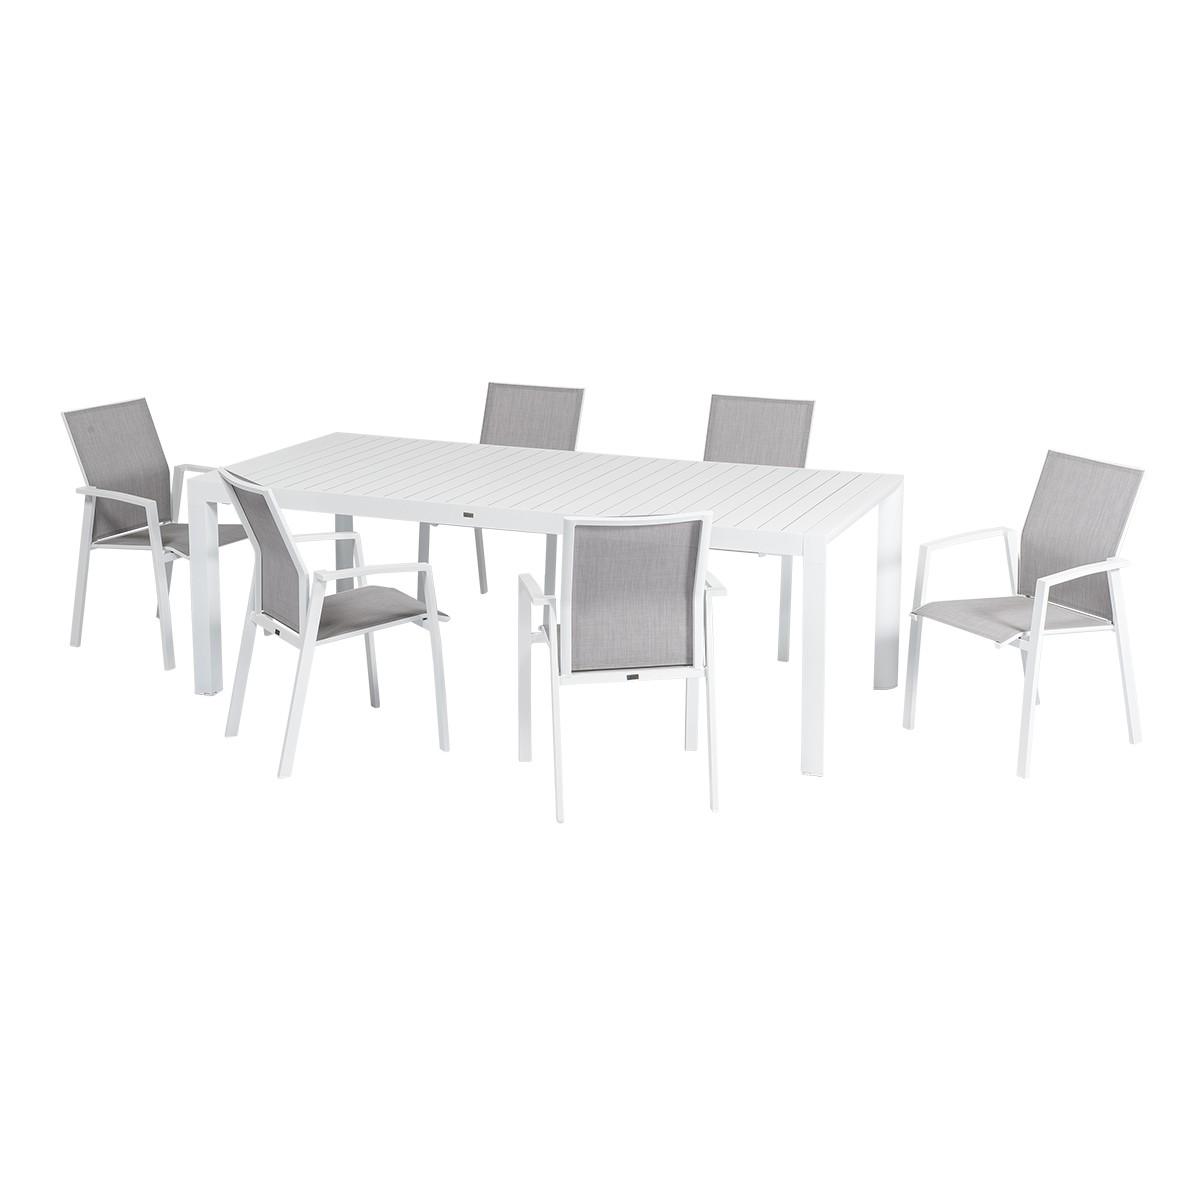 Il Completo Da Pranzo Linosa è Un Arredo Da Giardino Composto Da 1 Tavolo Allungabile E 6 Sedie. Il Tavolo Allungabile Ha Una Struttura In Alluminio Bianco E Le Sedie Hanno Una Seduta In Textilene Grigio.